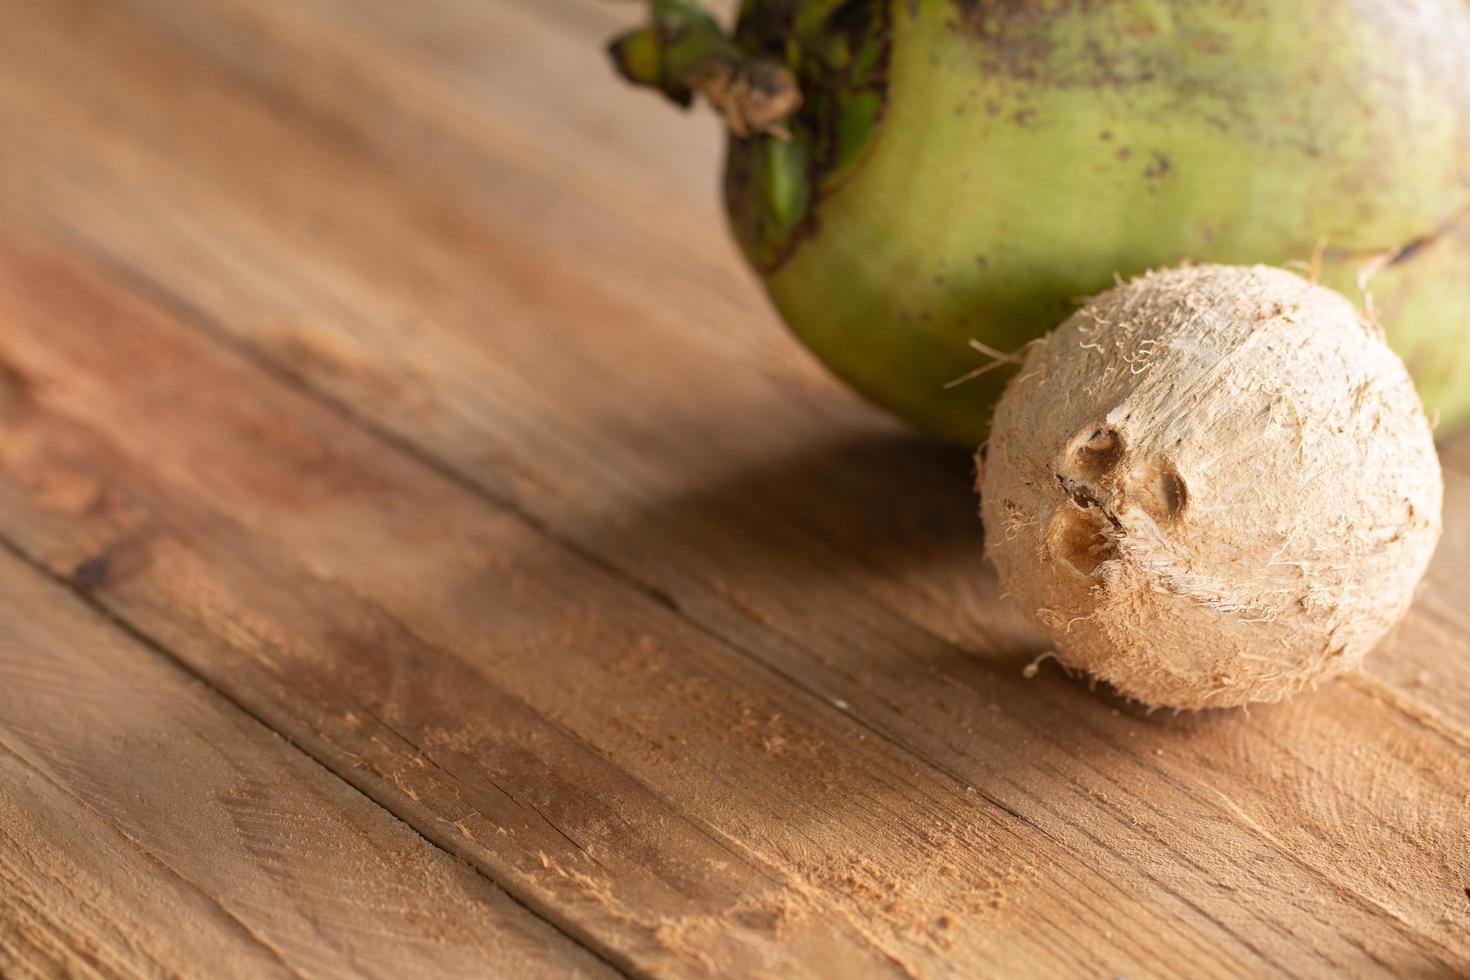 gedroogde kokosnootschil op houten tafel achtergrond foto